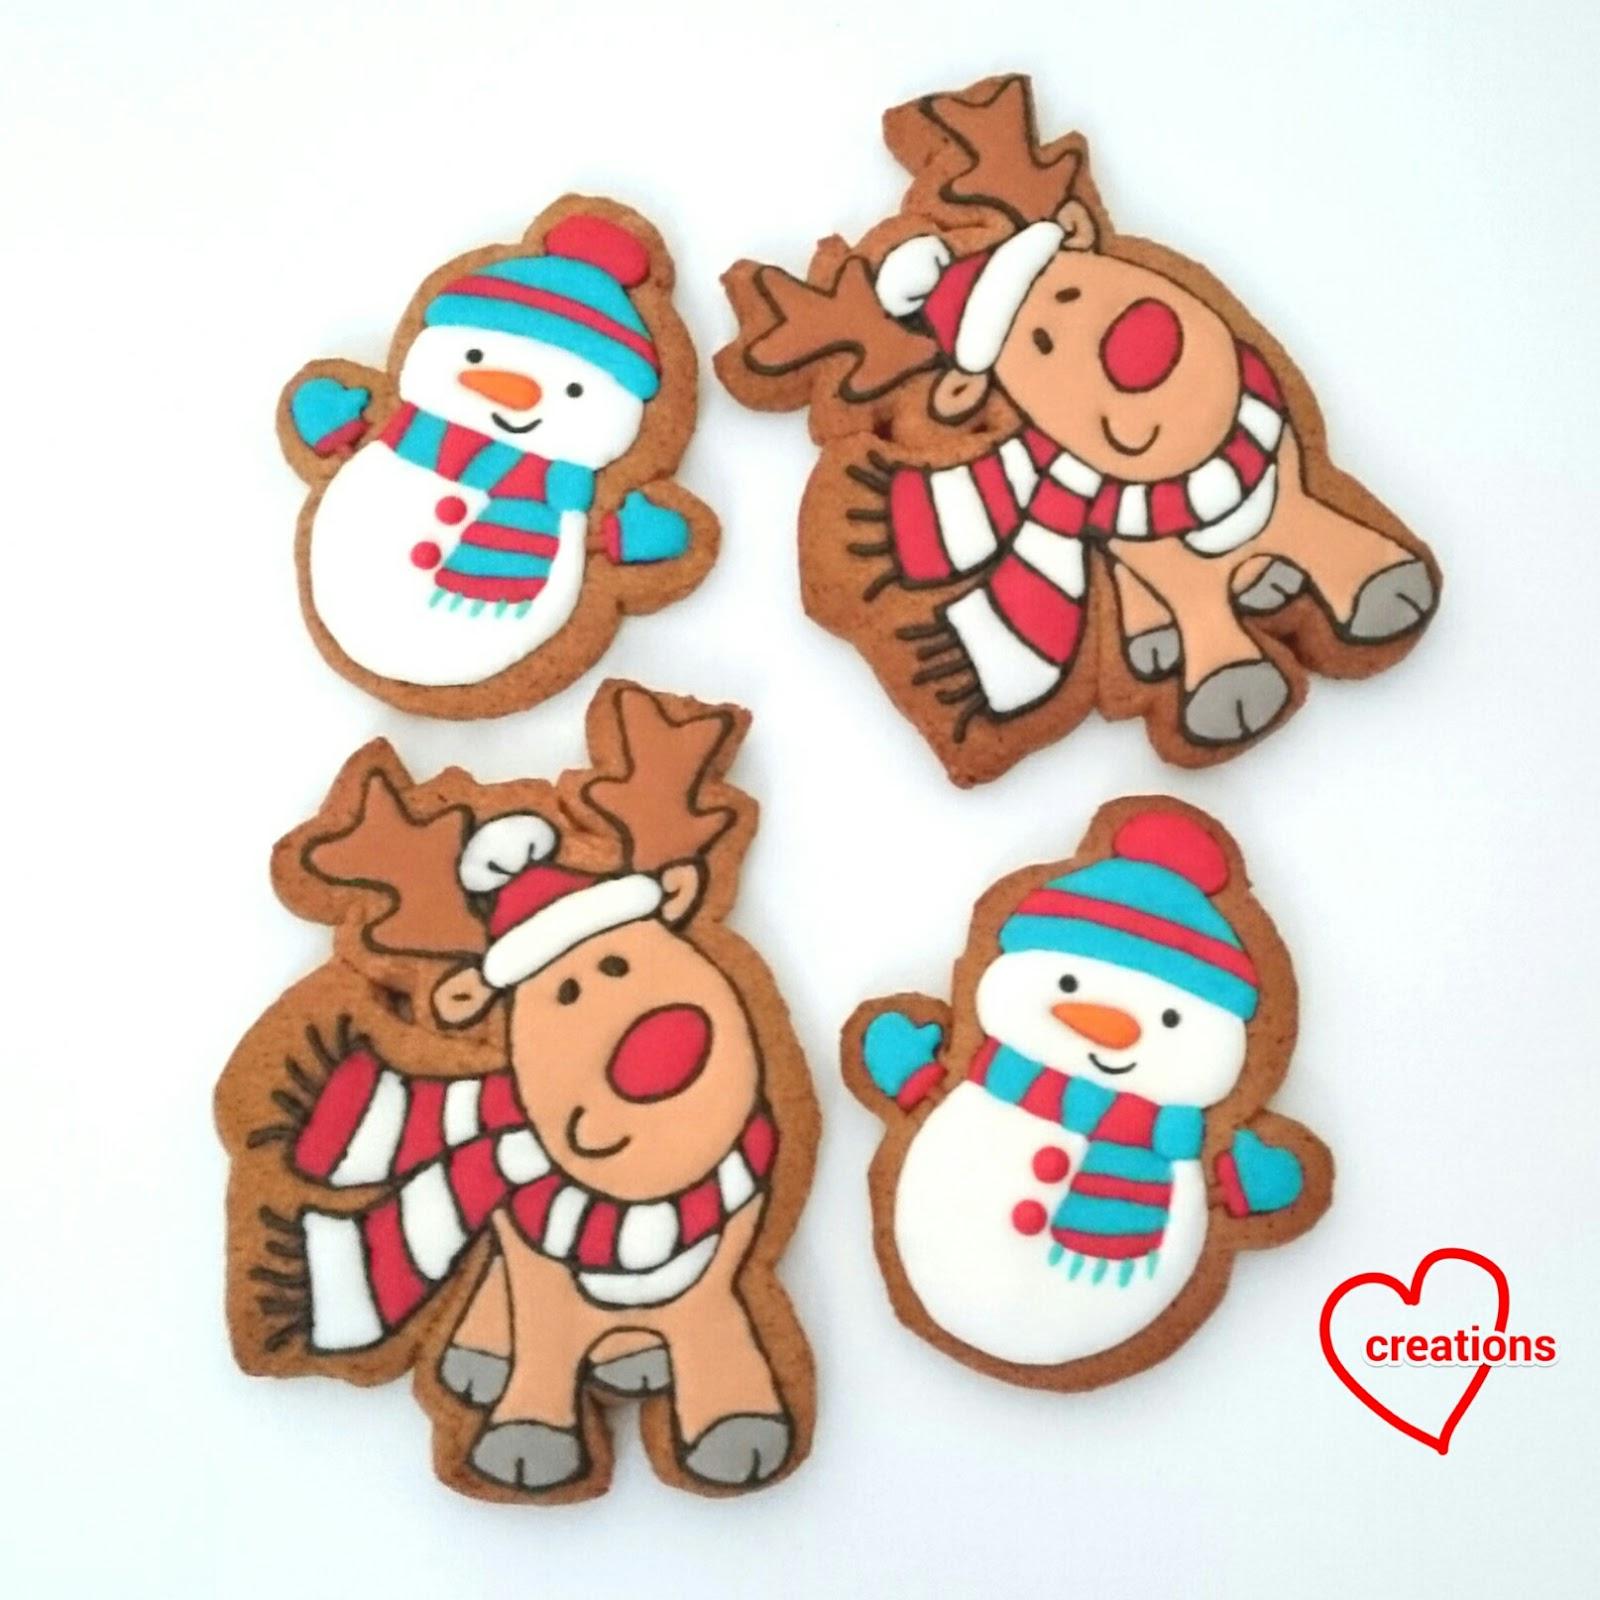 Loving Creations For You Reindeer Snowman Brown Sugar Cookies